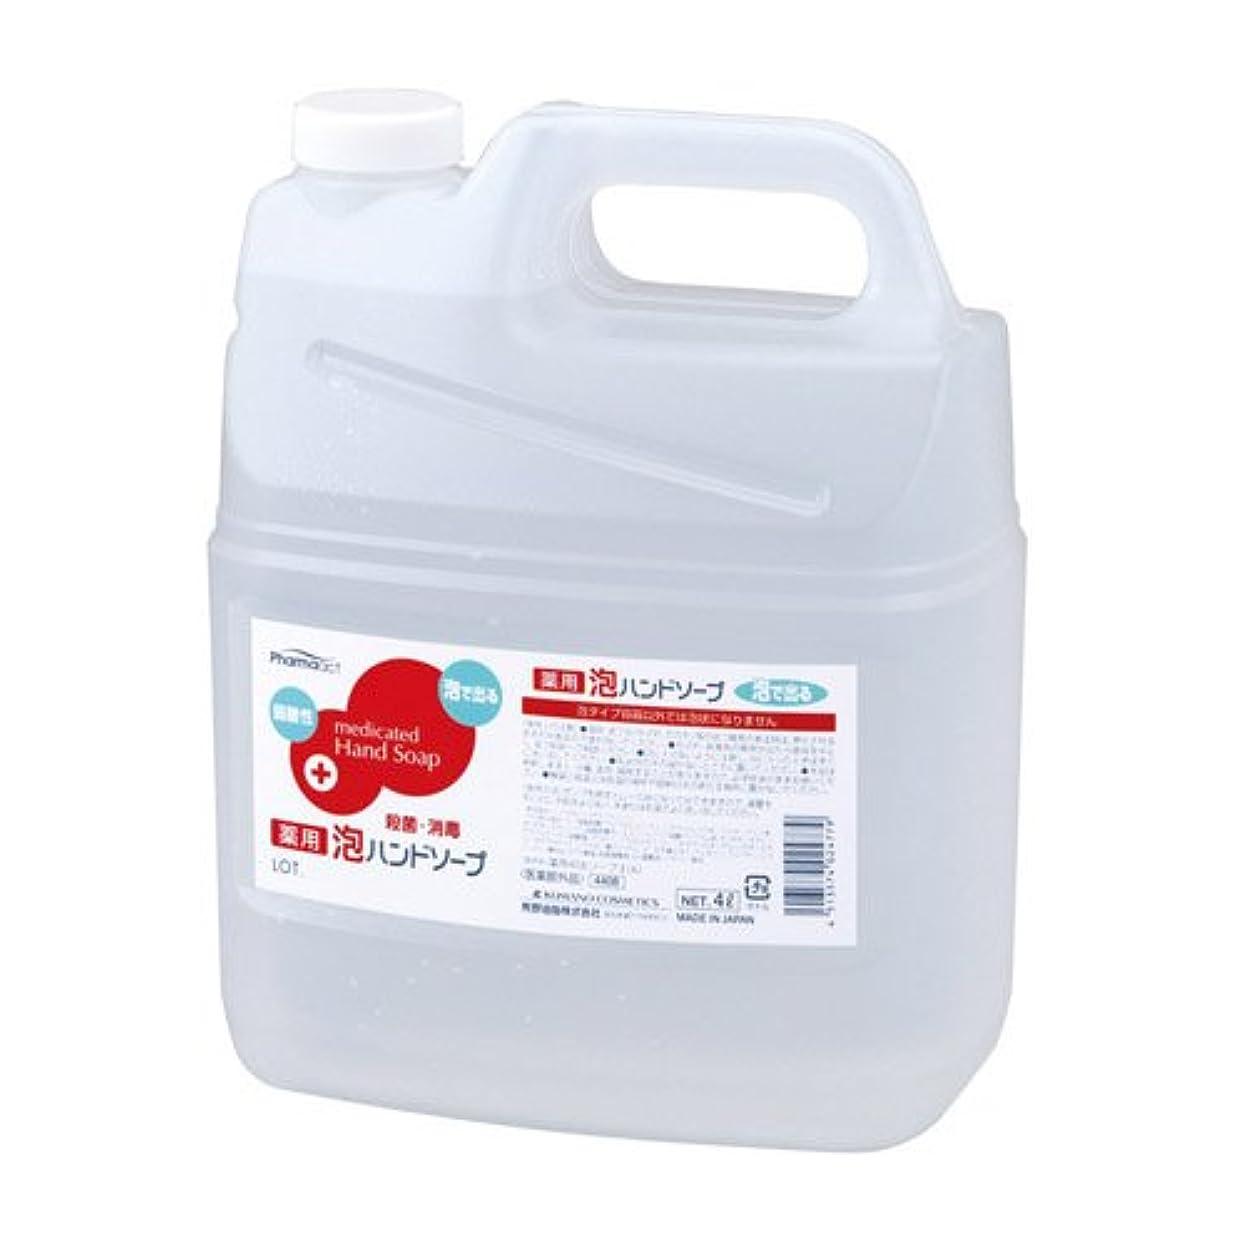 ファーマアクト 薬用 泡ハンドソープ 業務用 4L 【医薬部外品】